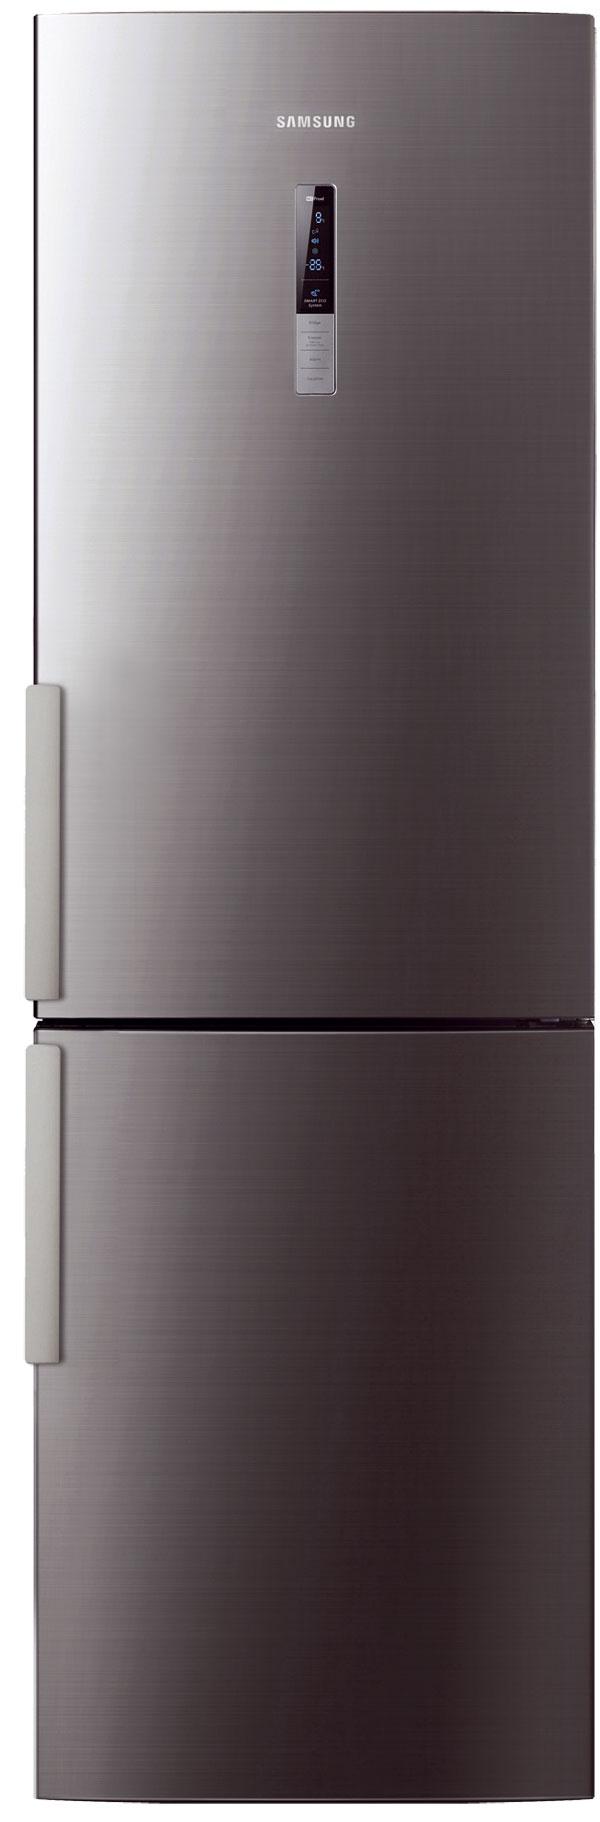 Chladnička smrazničkou Samsung RL56GRGIH čistý objem: 252 / 104 l energetická trieda: A++ funkcie: NoFrost, Silver Nano (antibakteriálny systém), Zóna 0 °C  rozmery: 59,7 × 185 × 70,2 cm cena: 780 €